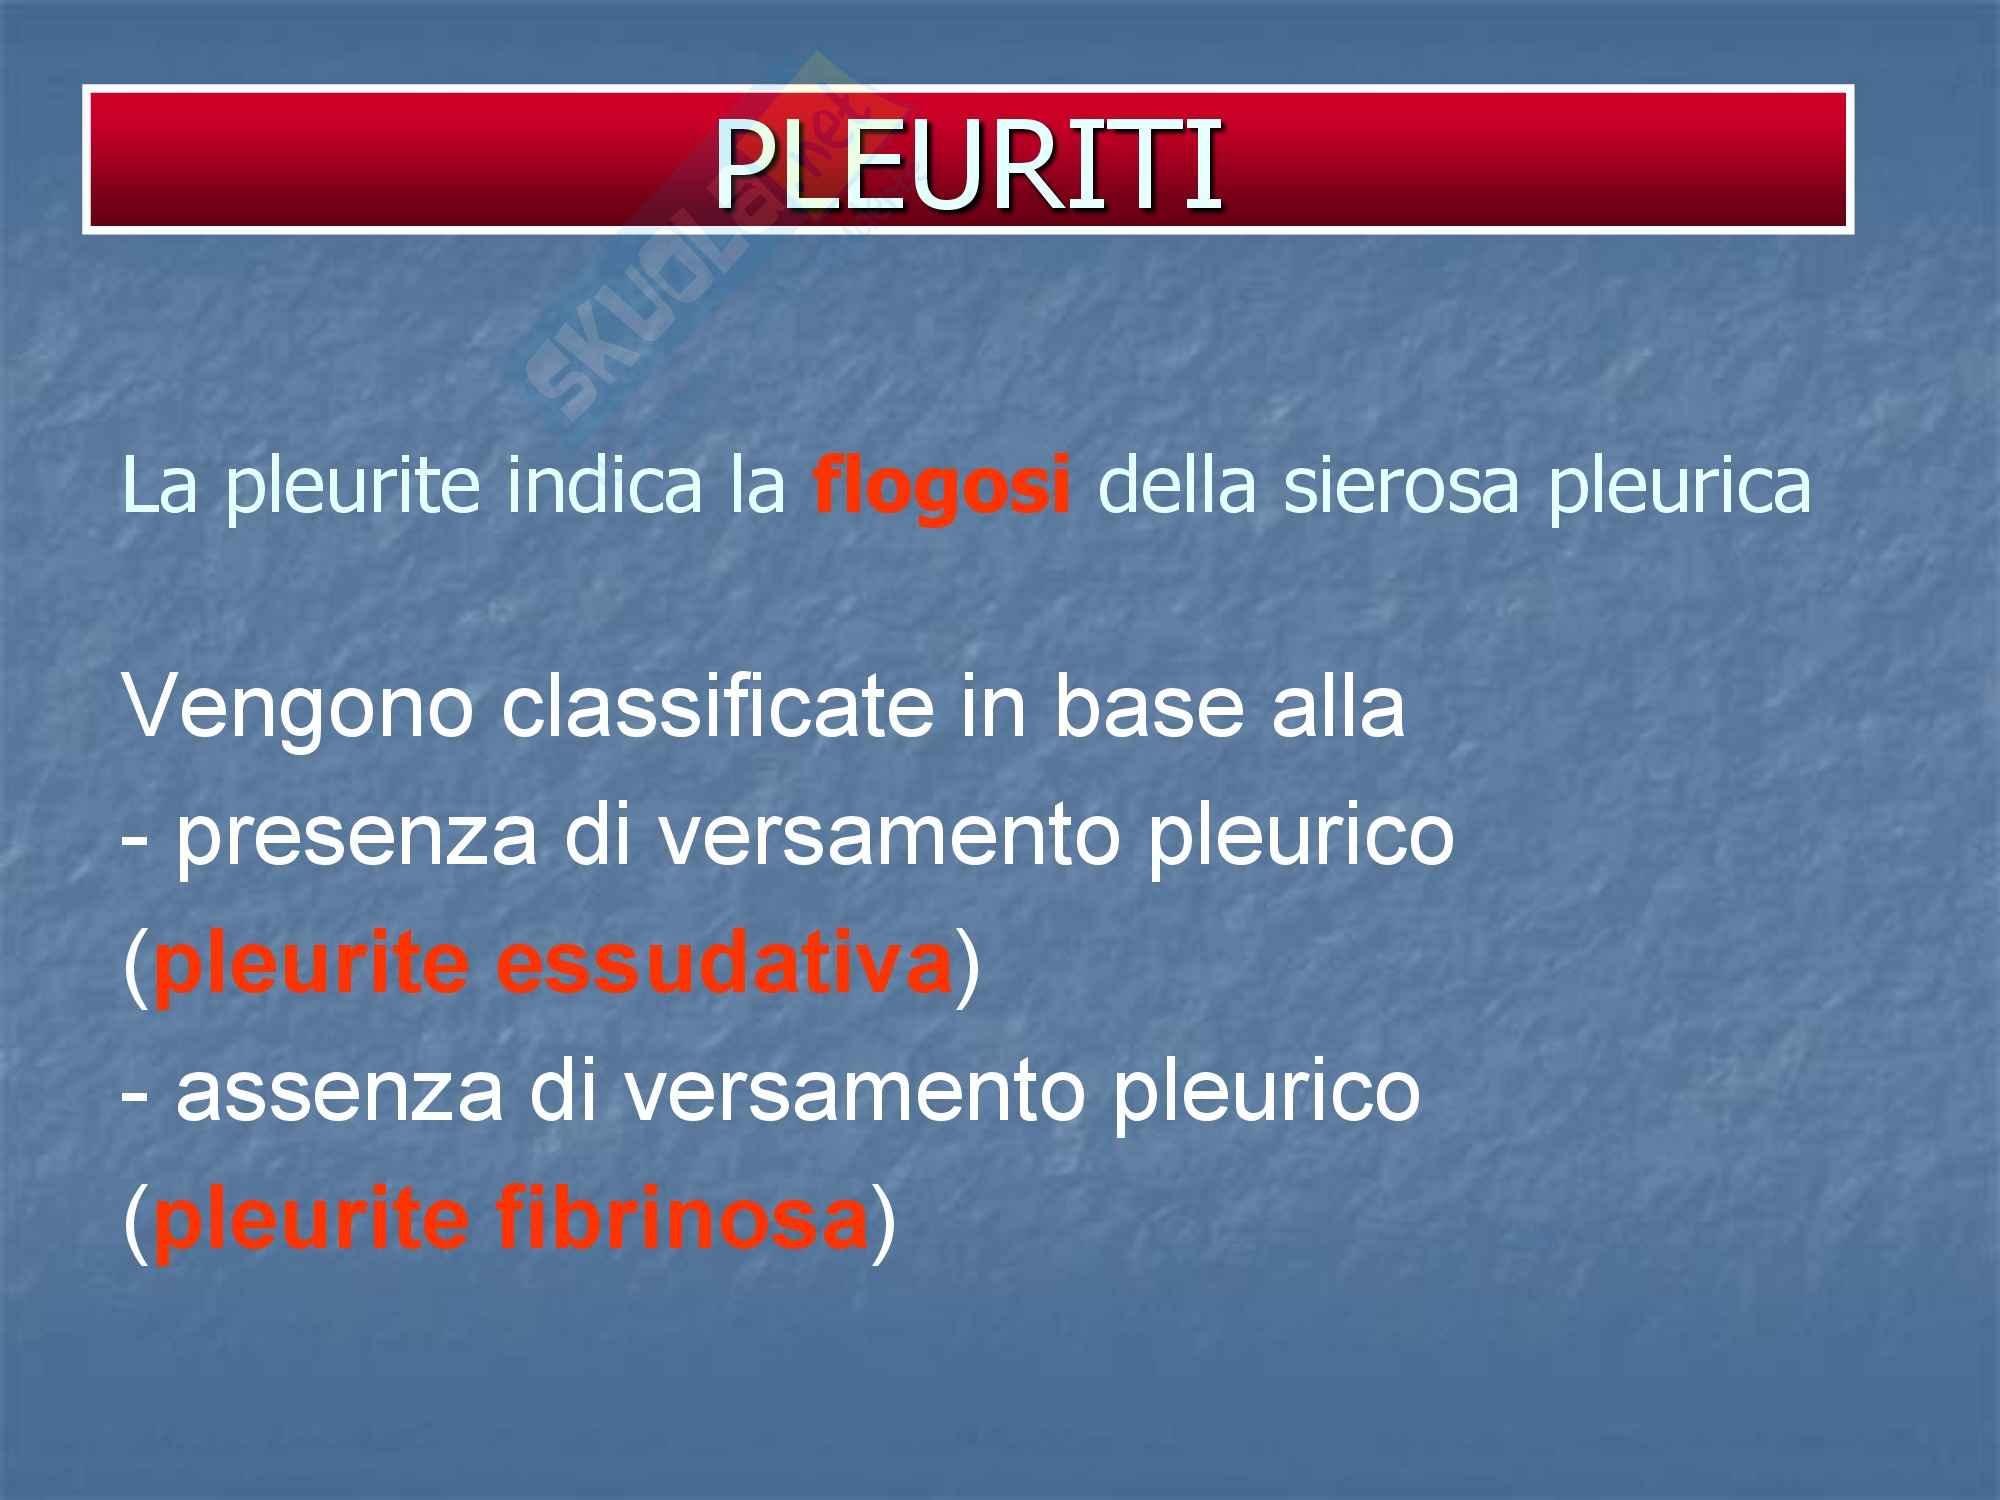 Malattie dell'apparato respiratorio - Pleurite